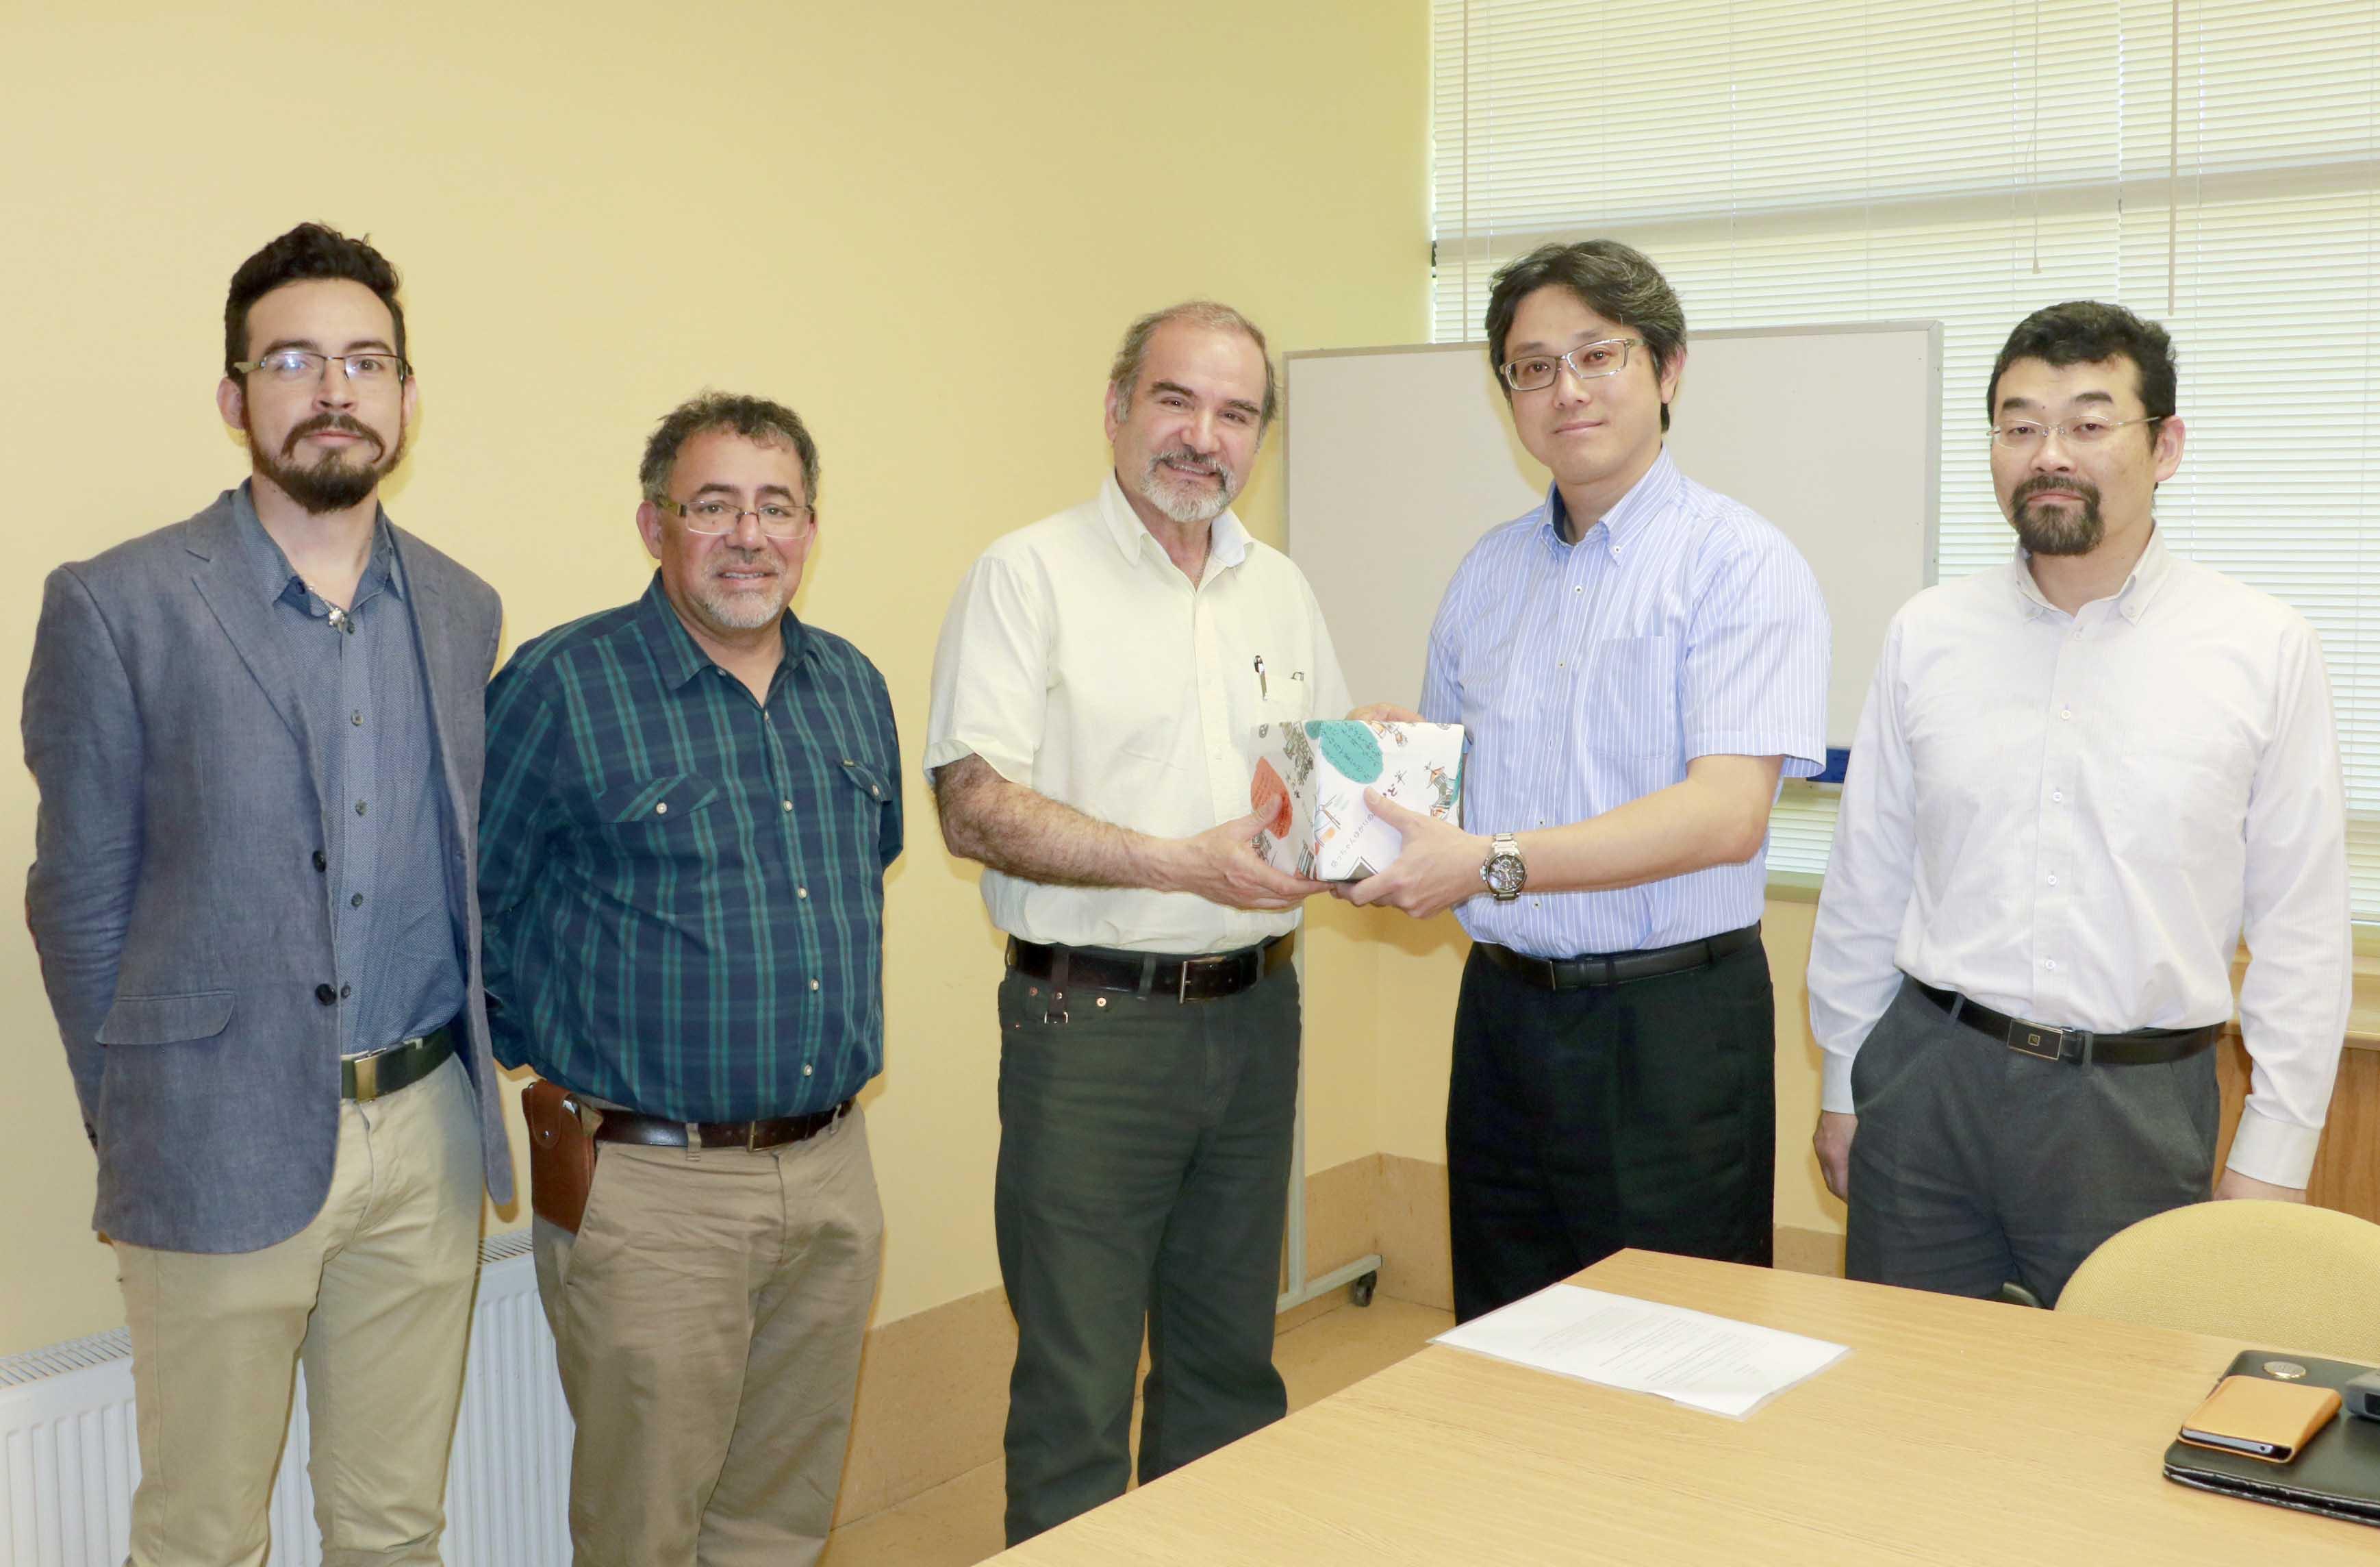 Académicos UdeC sellaron acuerdo de cooperación con investigadores de la Universidad de Toyo, Japón